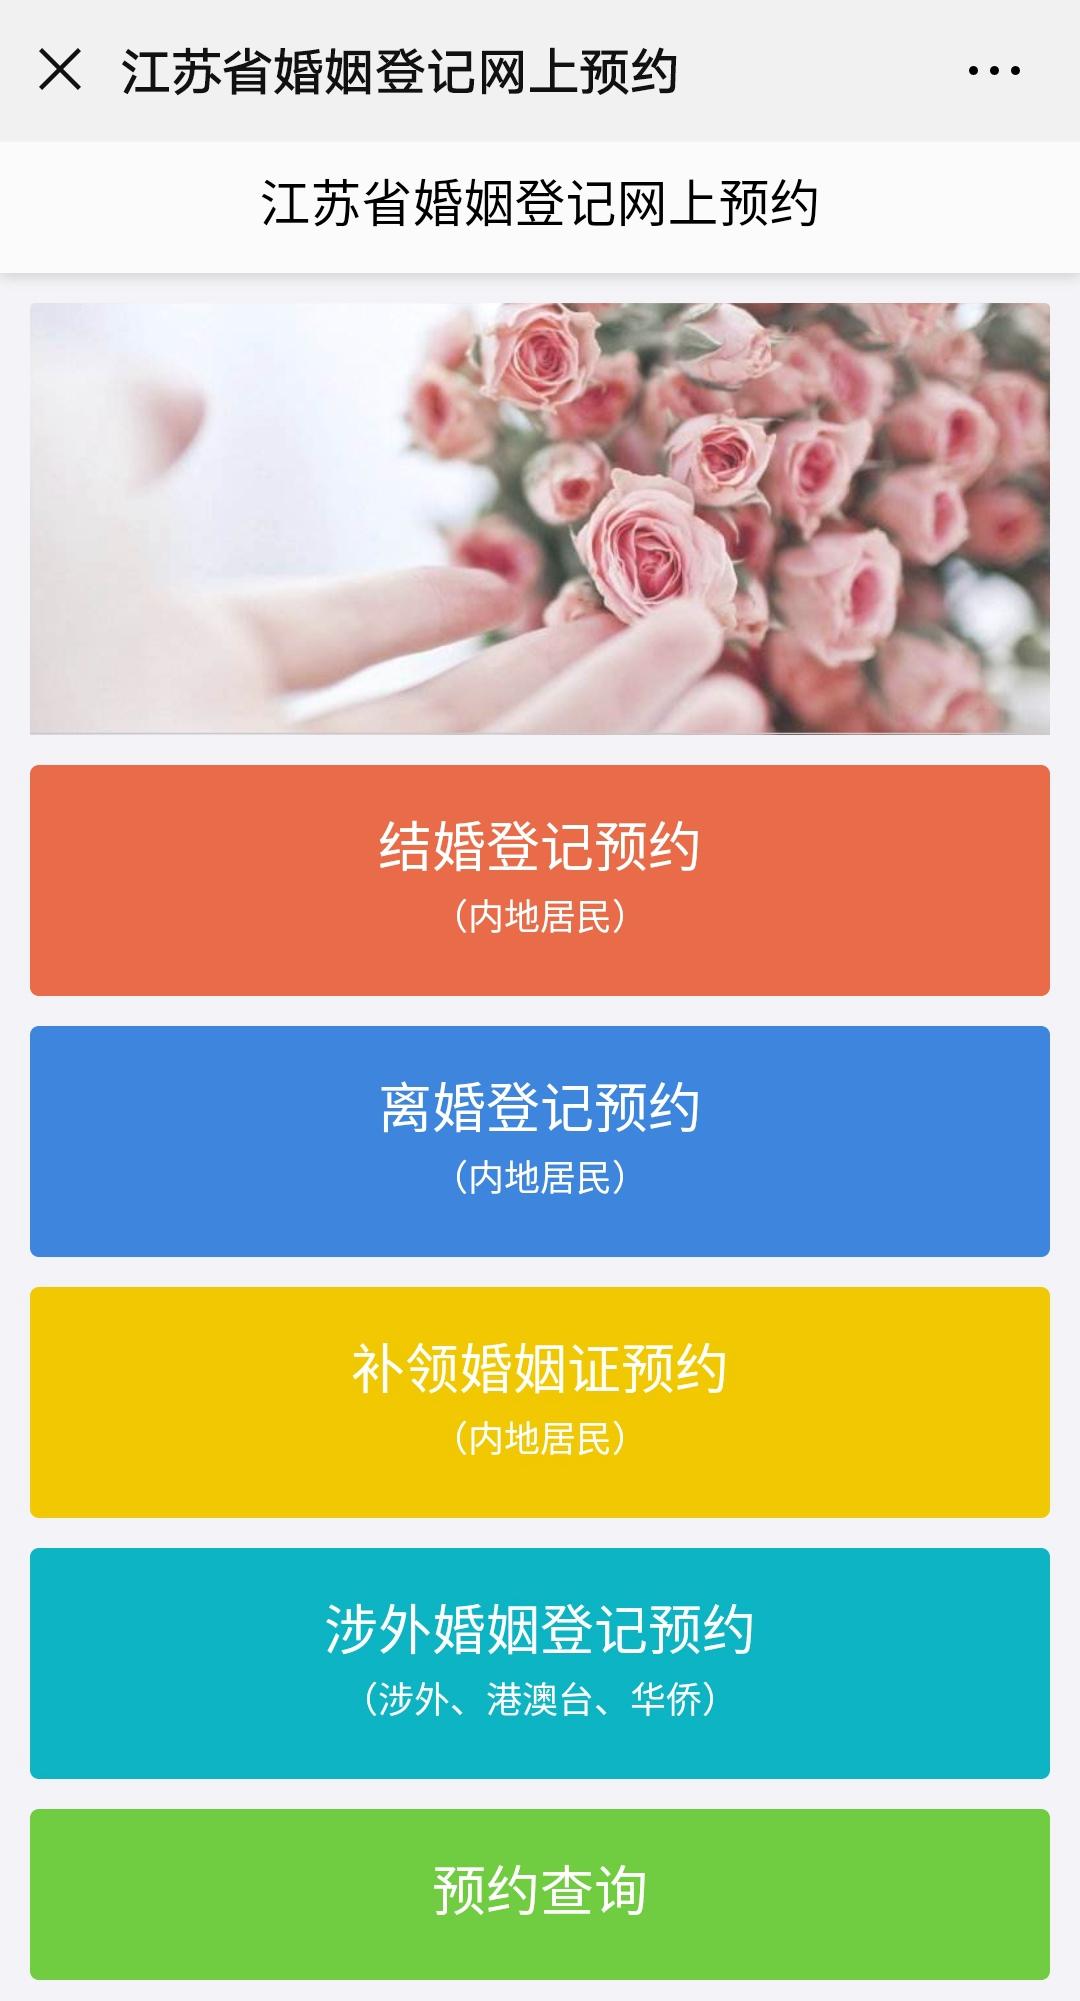 想结婚 手慢无 江苏省民政厅 5月日 21日结婚登记需至少提前2天预约 西部娱乐资讯 蓝冠